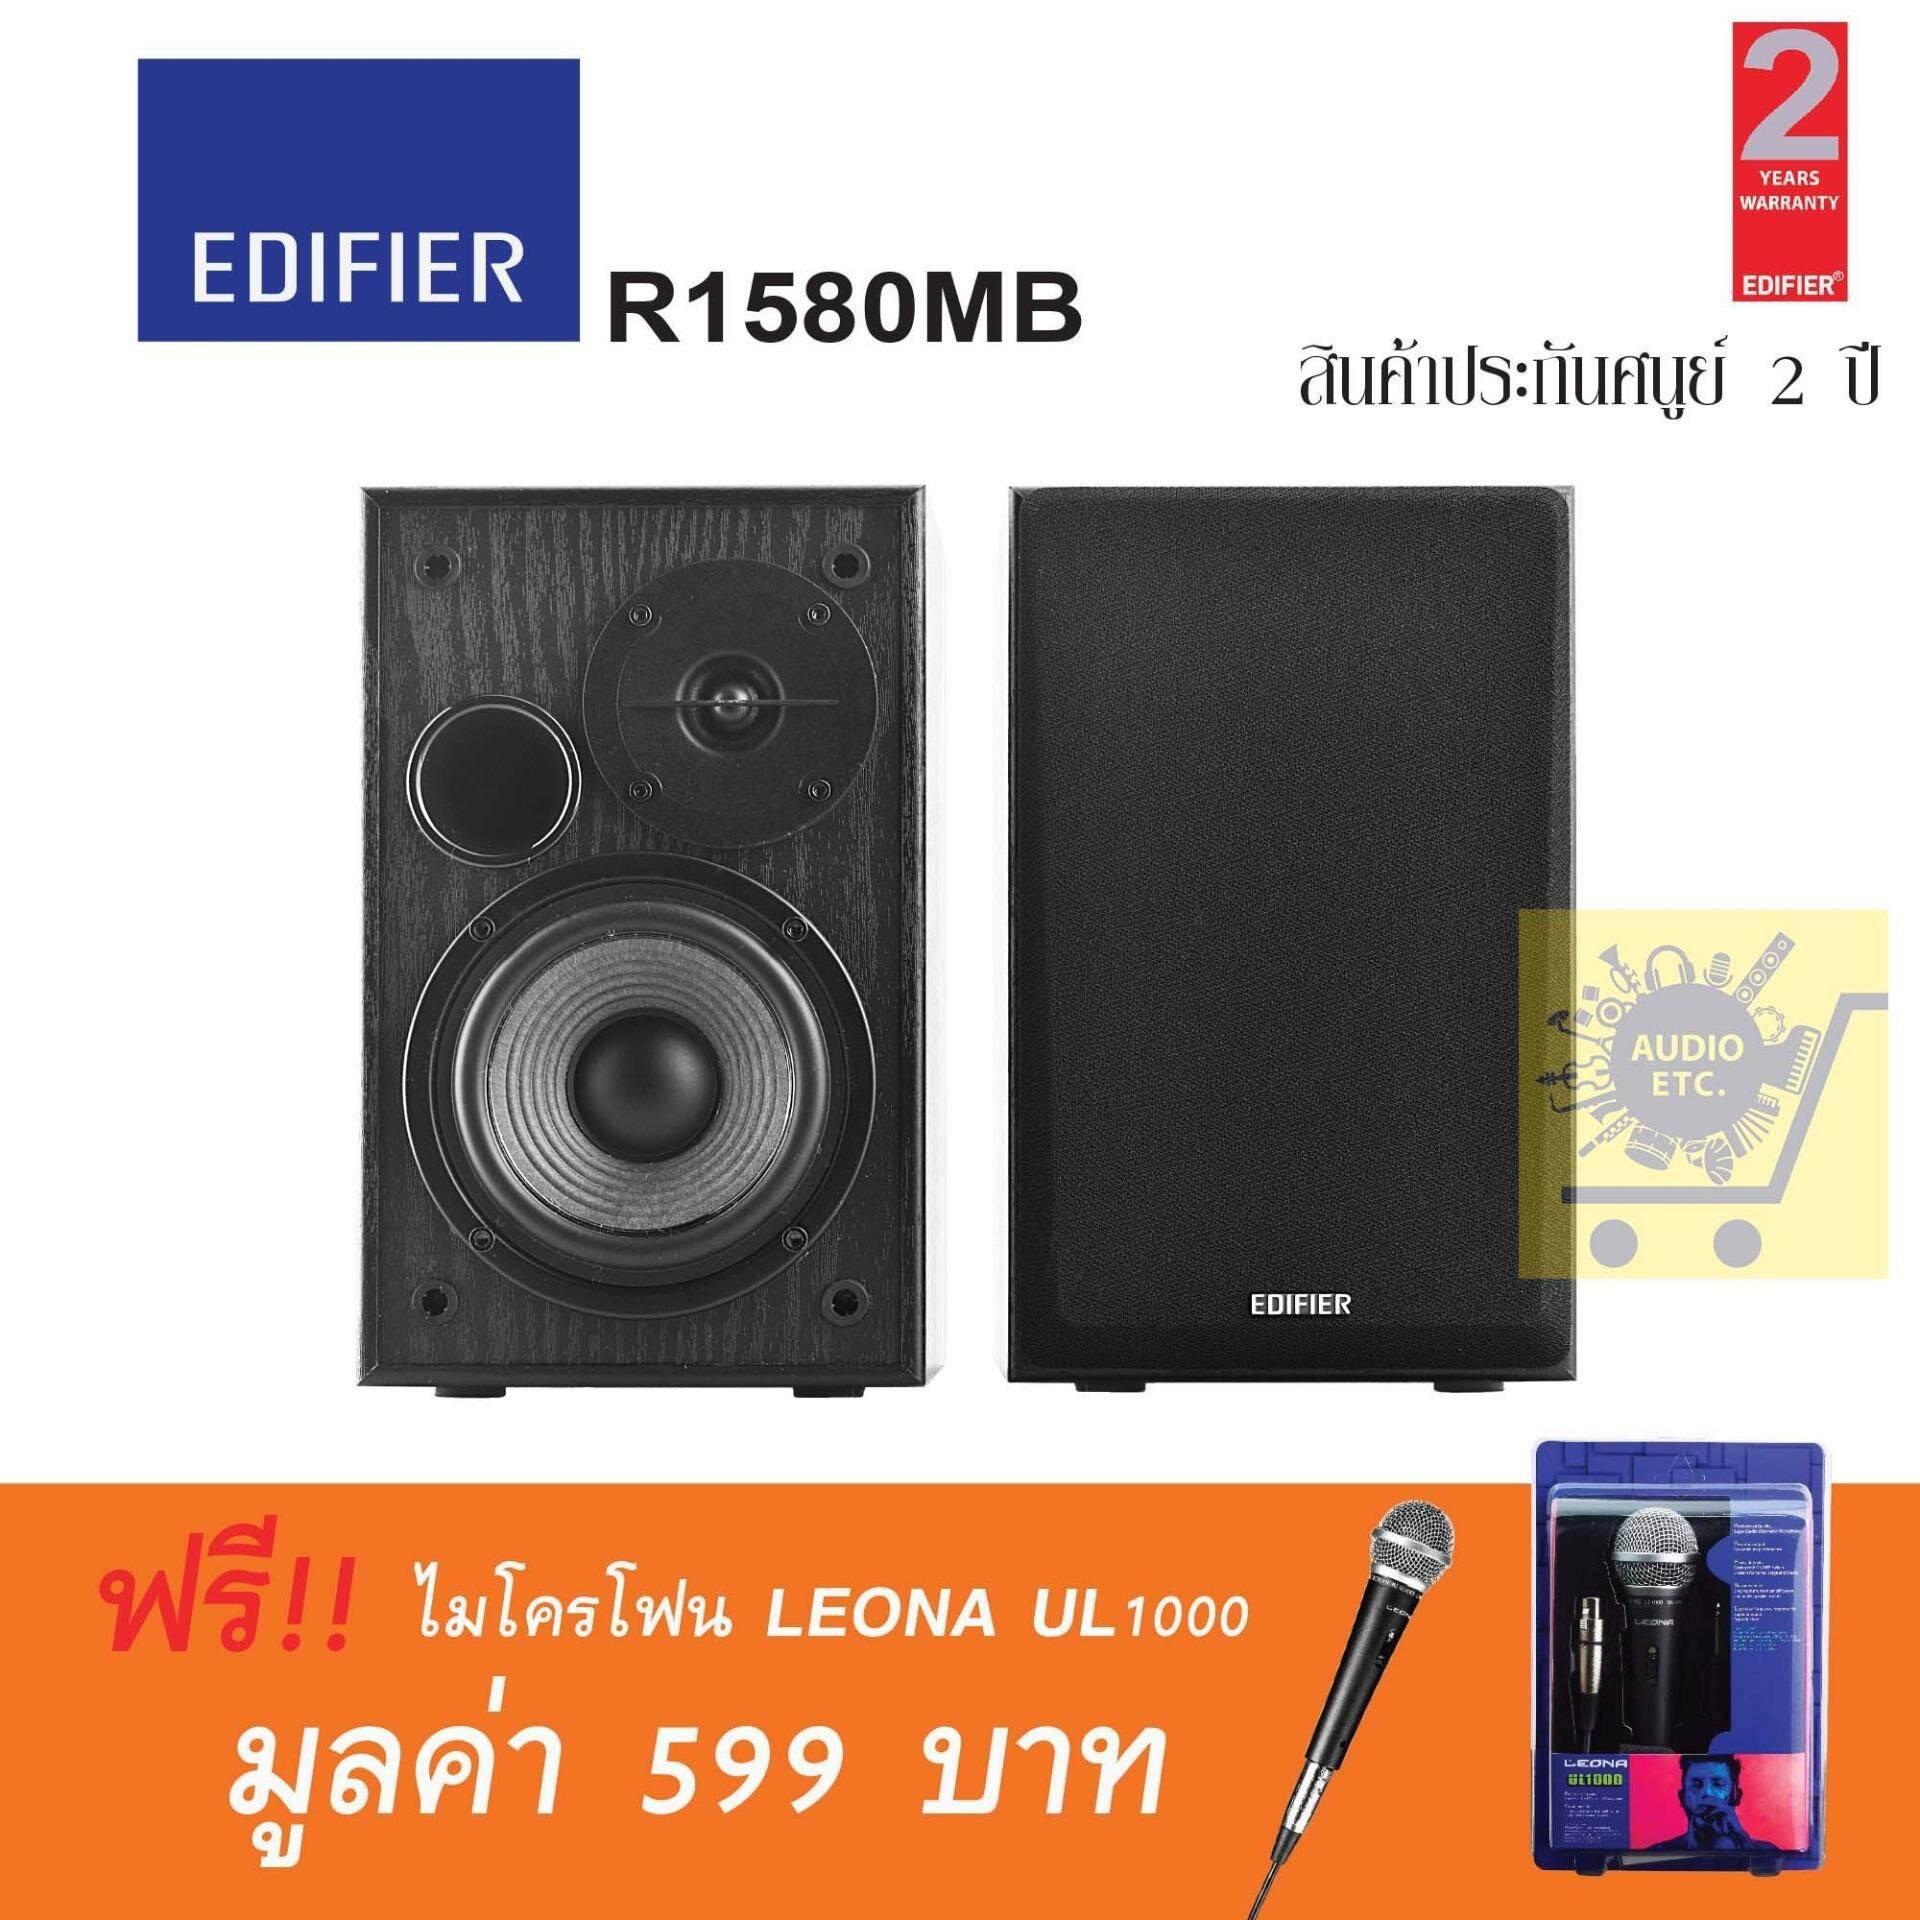 ลพบุรี Edifier R1580MB Bluetooth Speaker 42w.ช่องไมค์คู่ รับประกันศูนย์ 2ปี